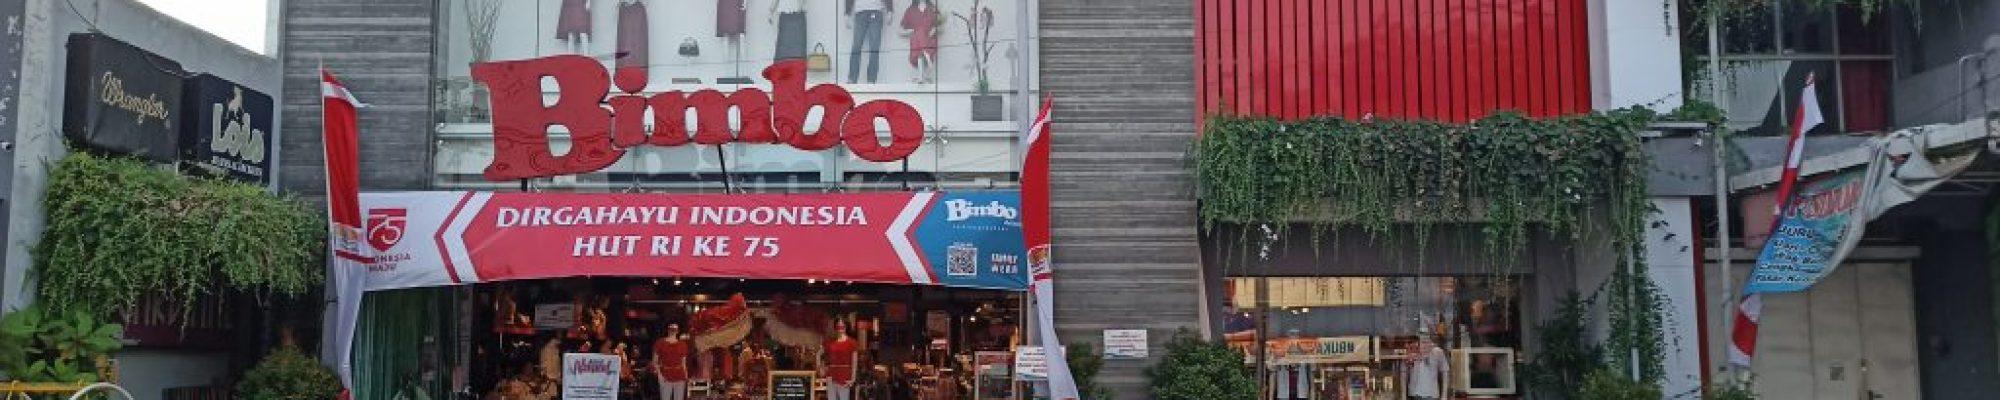 Toko Bimbo 1